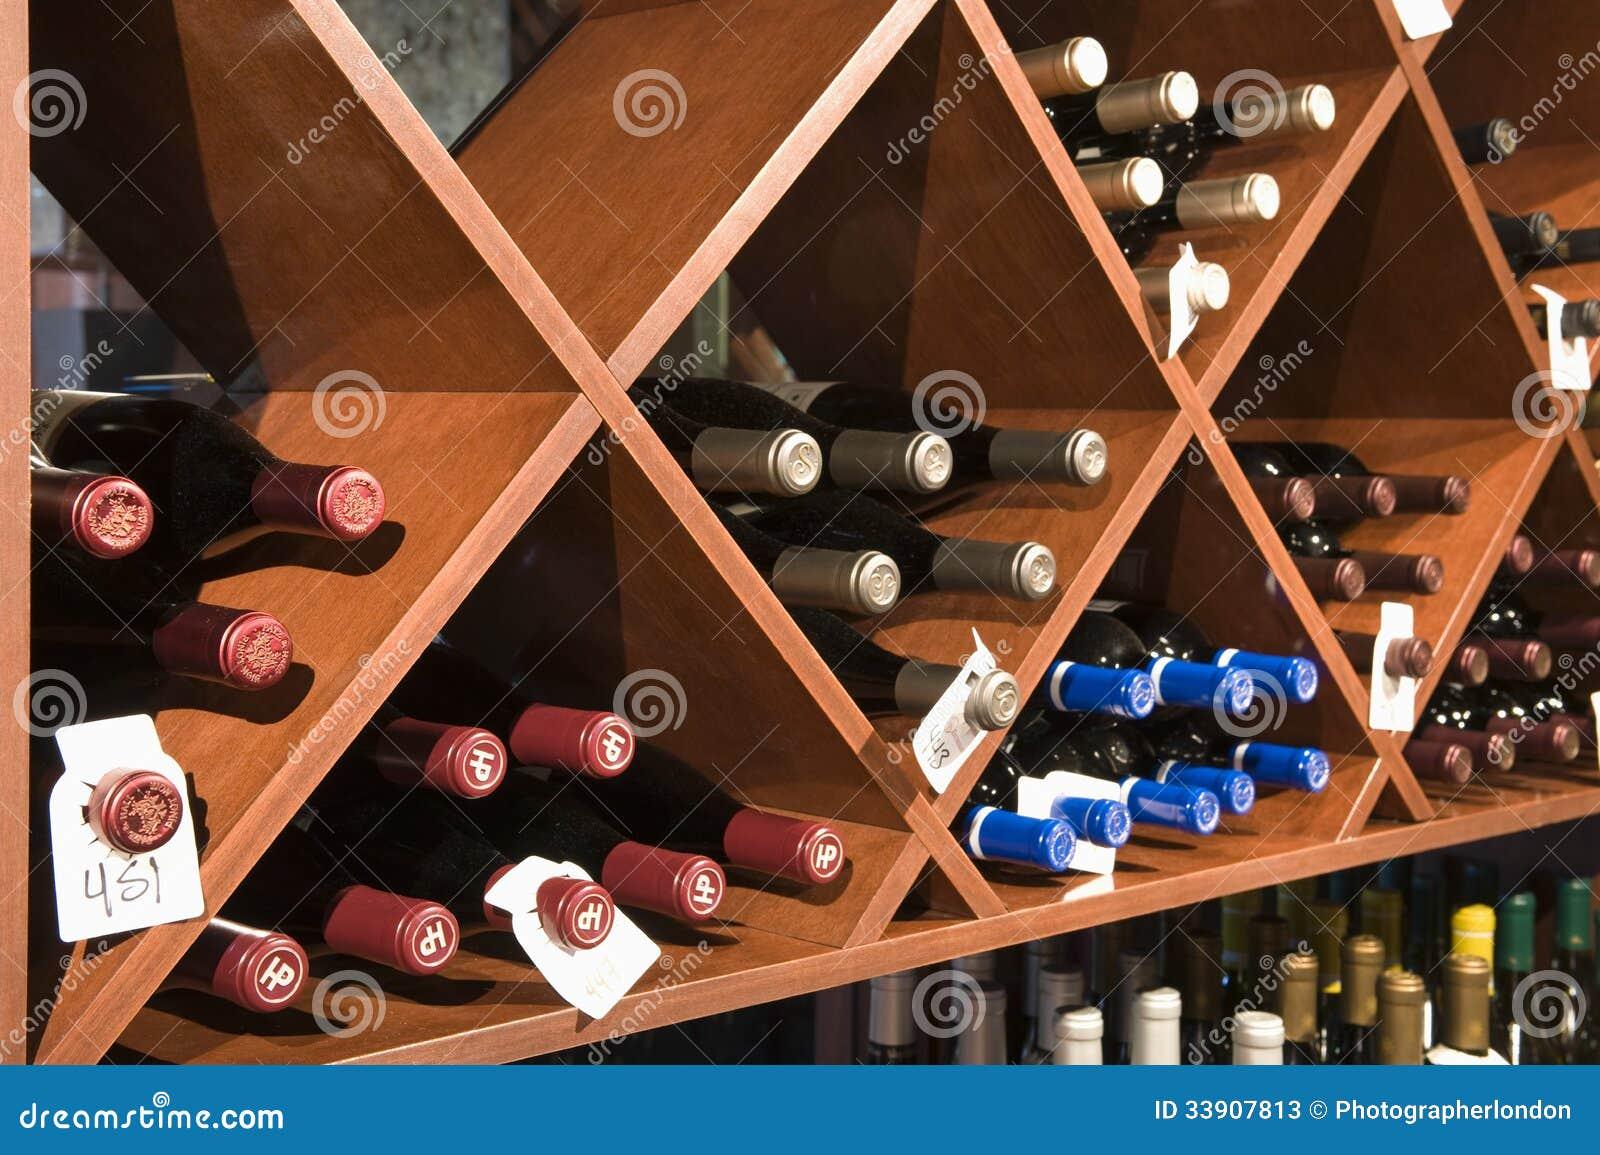 Botellas de vino en estantes foto de archivo editorial - Estantes para vinos ...